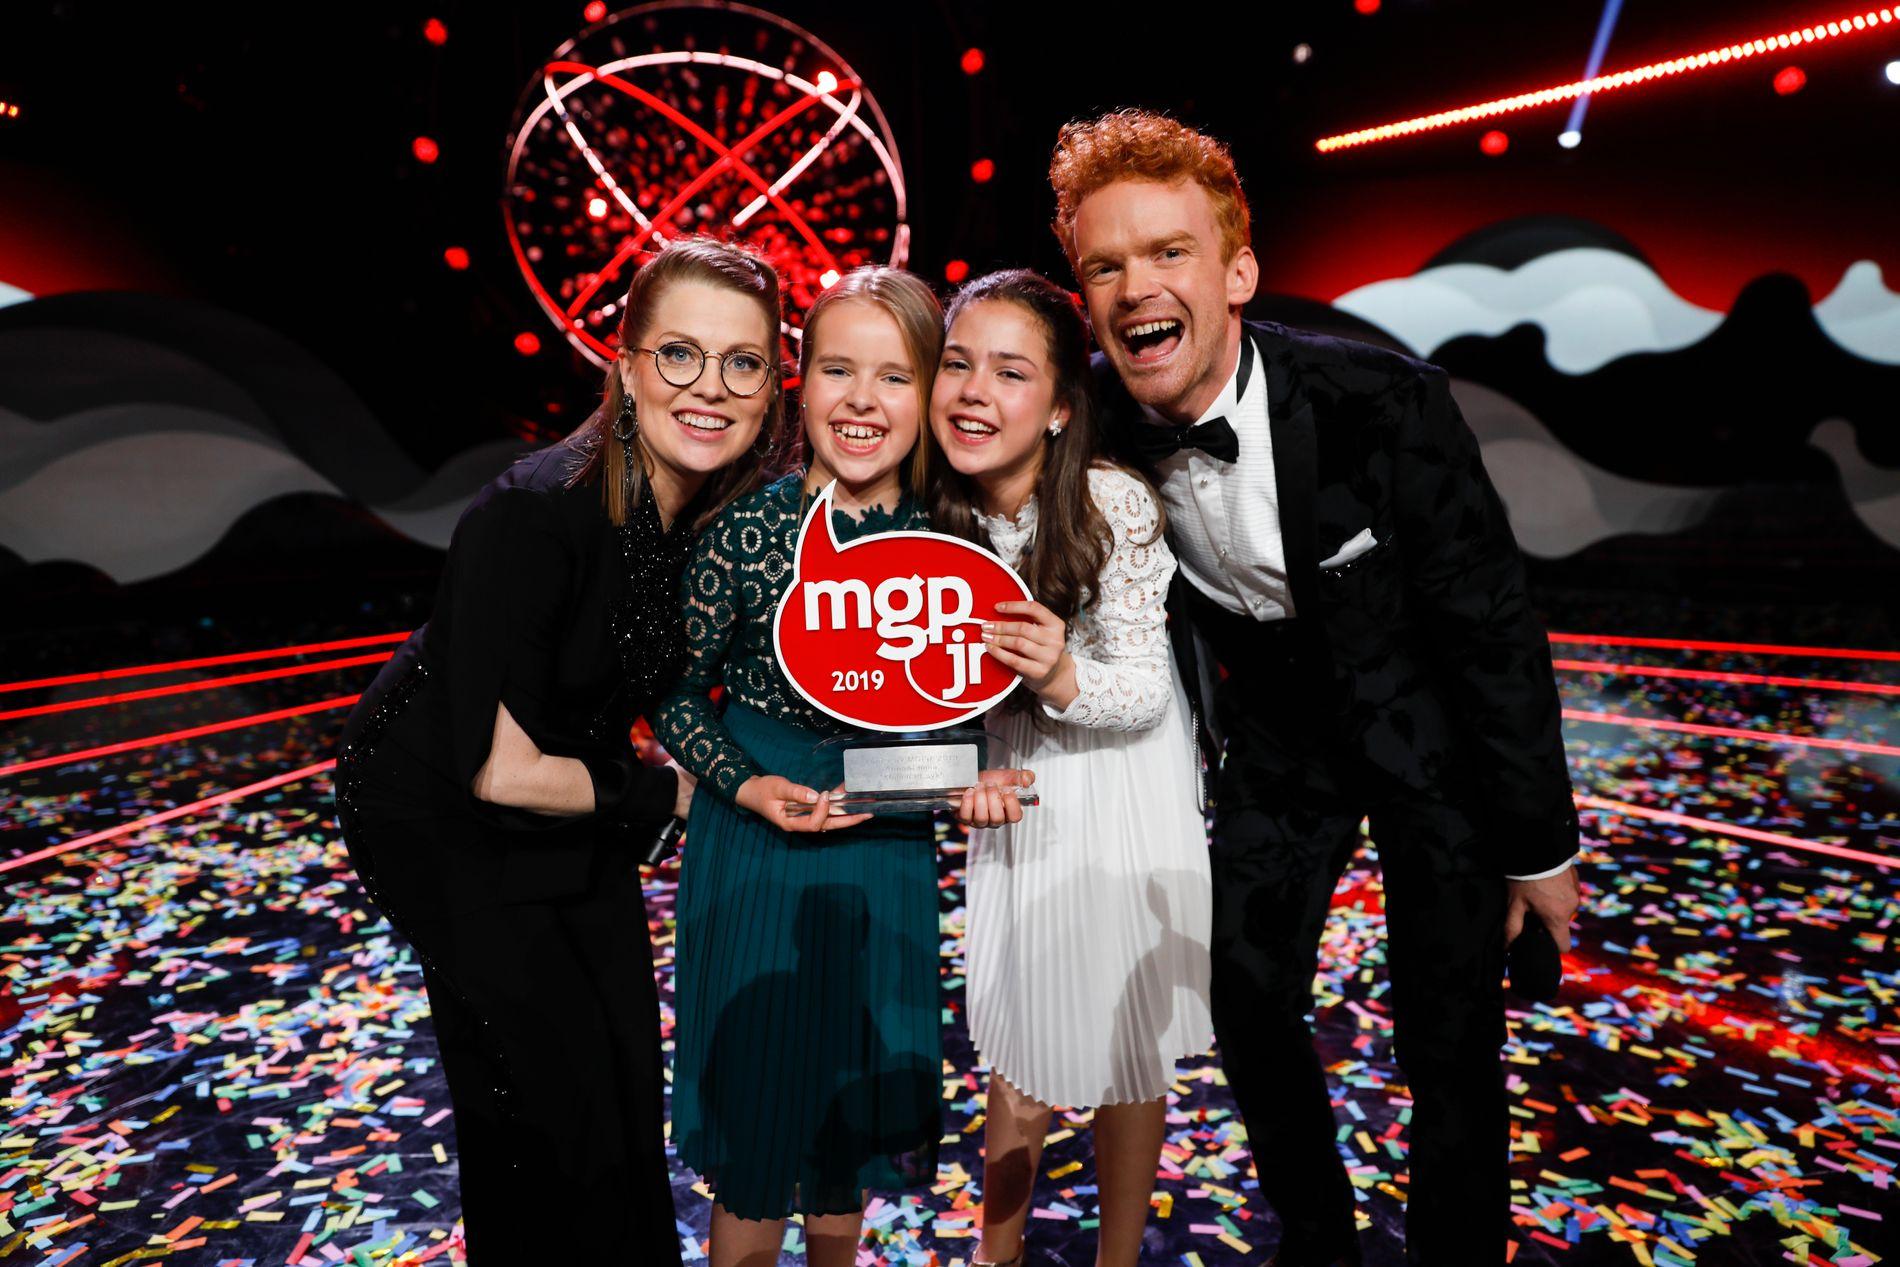 PÅ KOENGEN: Anna og Emma vant årets MGPjr med låten «Kloden er syk». Til venstre står programleder Programledere Sigrid Velle Dypbukt og til høyre Mikkel Niva.